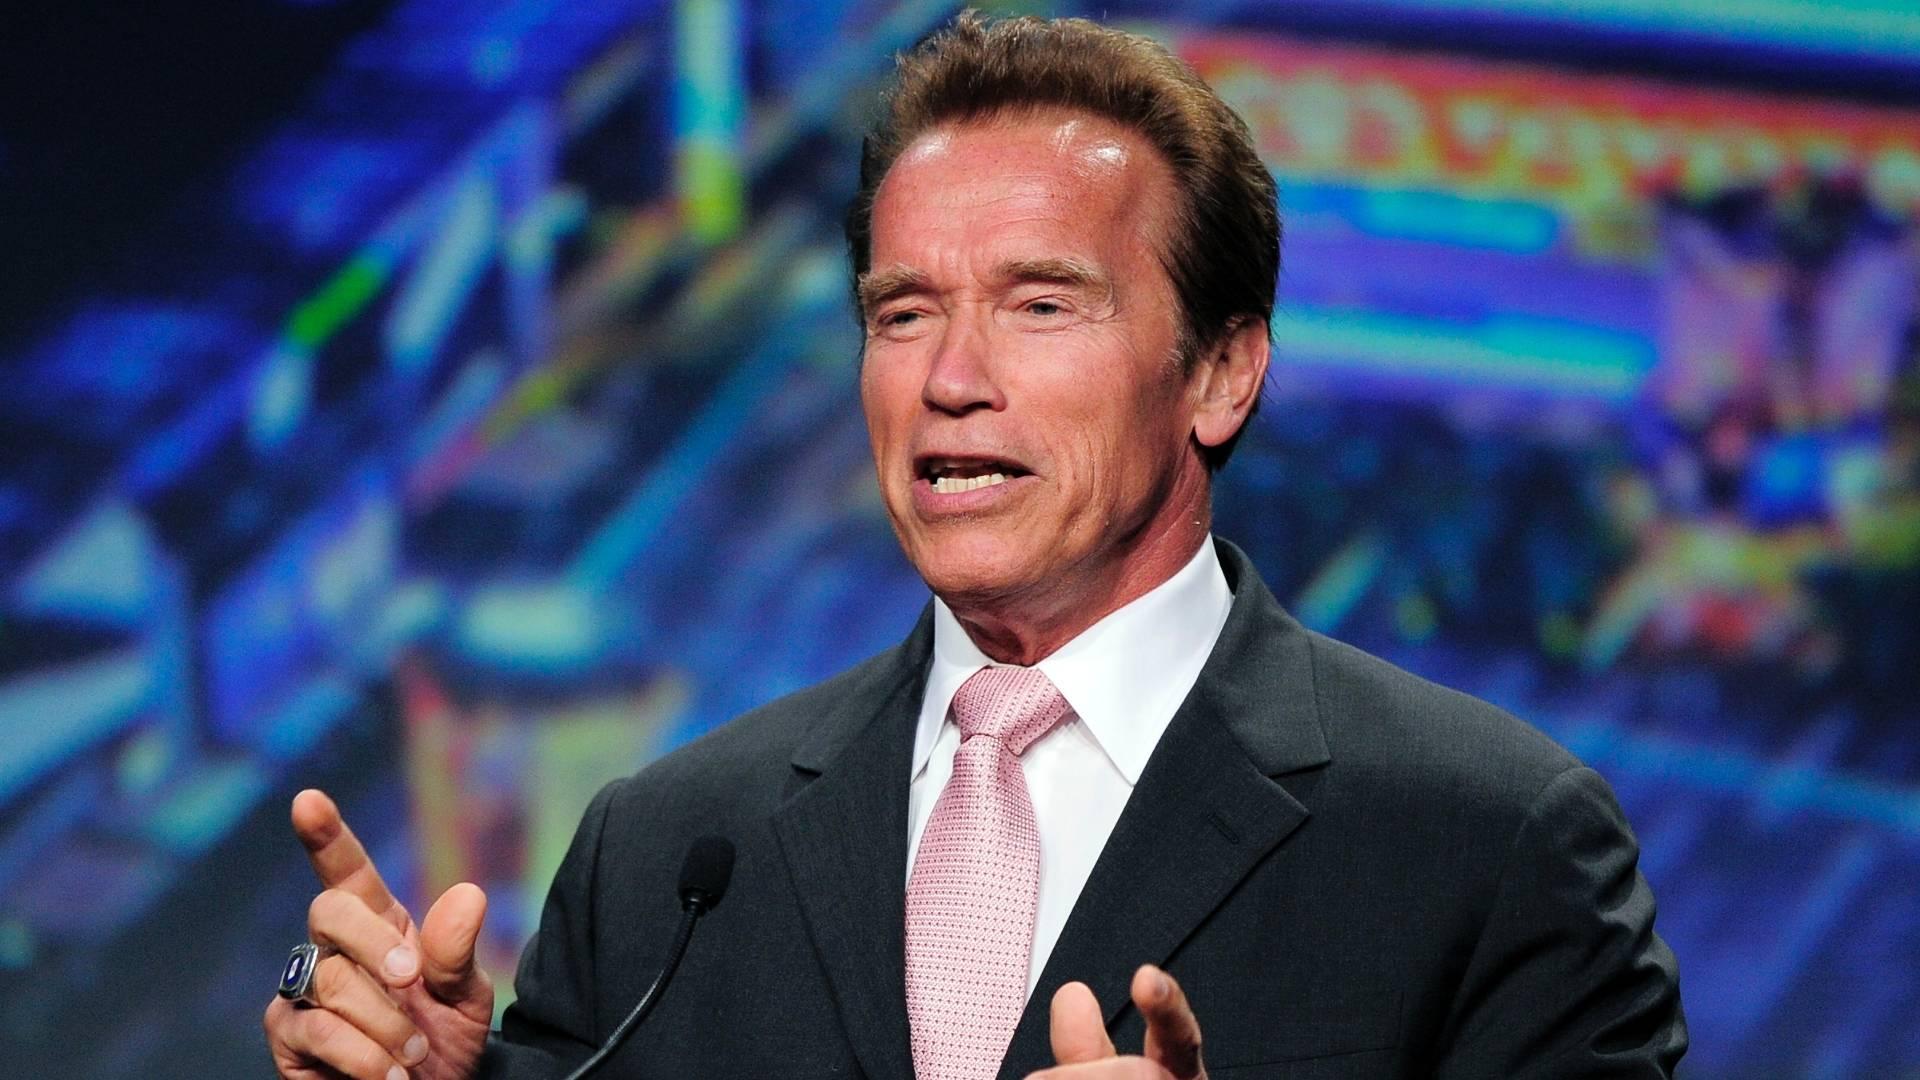 Em sua primeira aparição pública depois da revelação de que teve um filho fora do casamento, Arnold Schwarzenegger discursa após receber homenagem em convenção da Câmara de Comércio de Los Angeles (4/8/11)